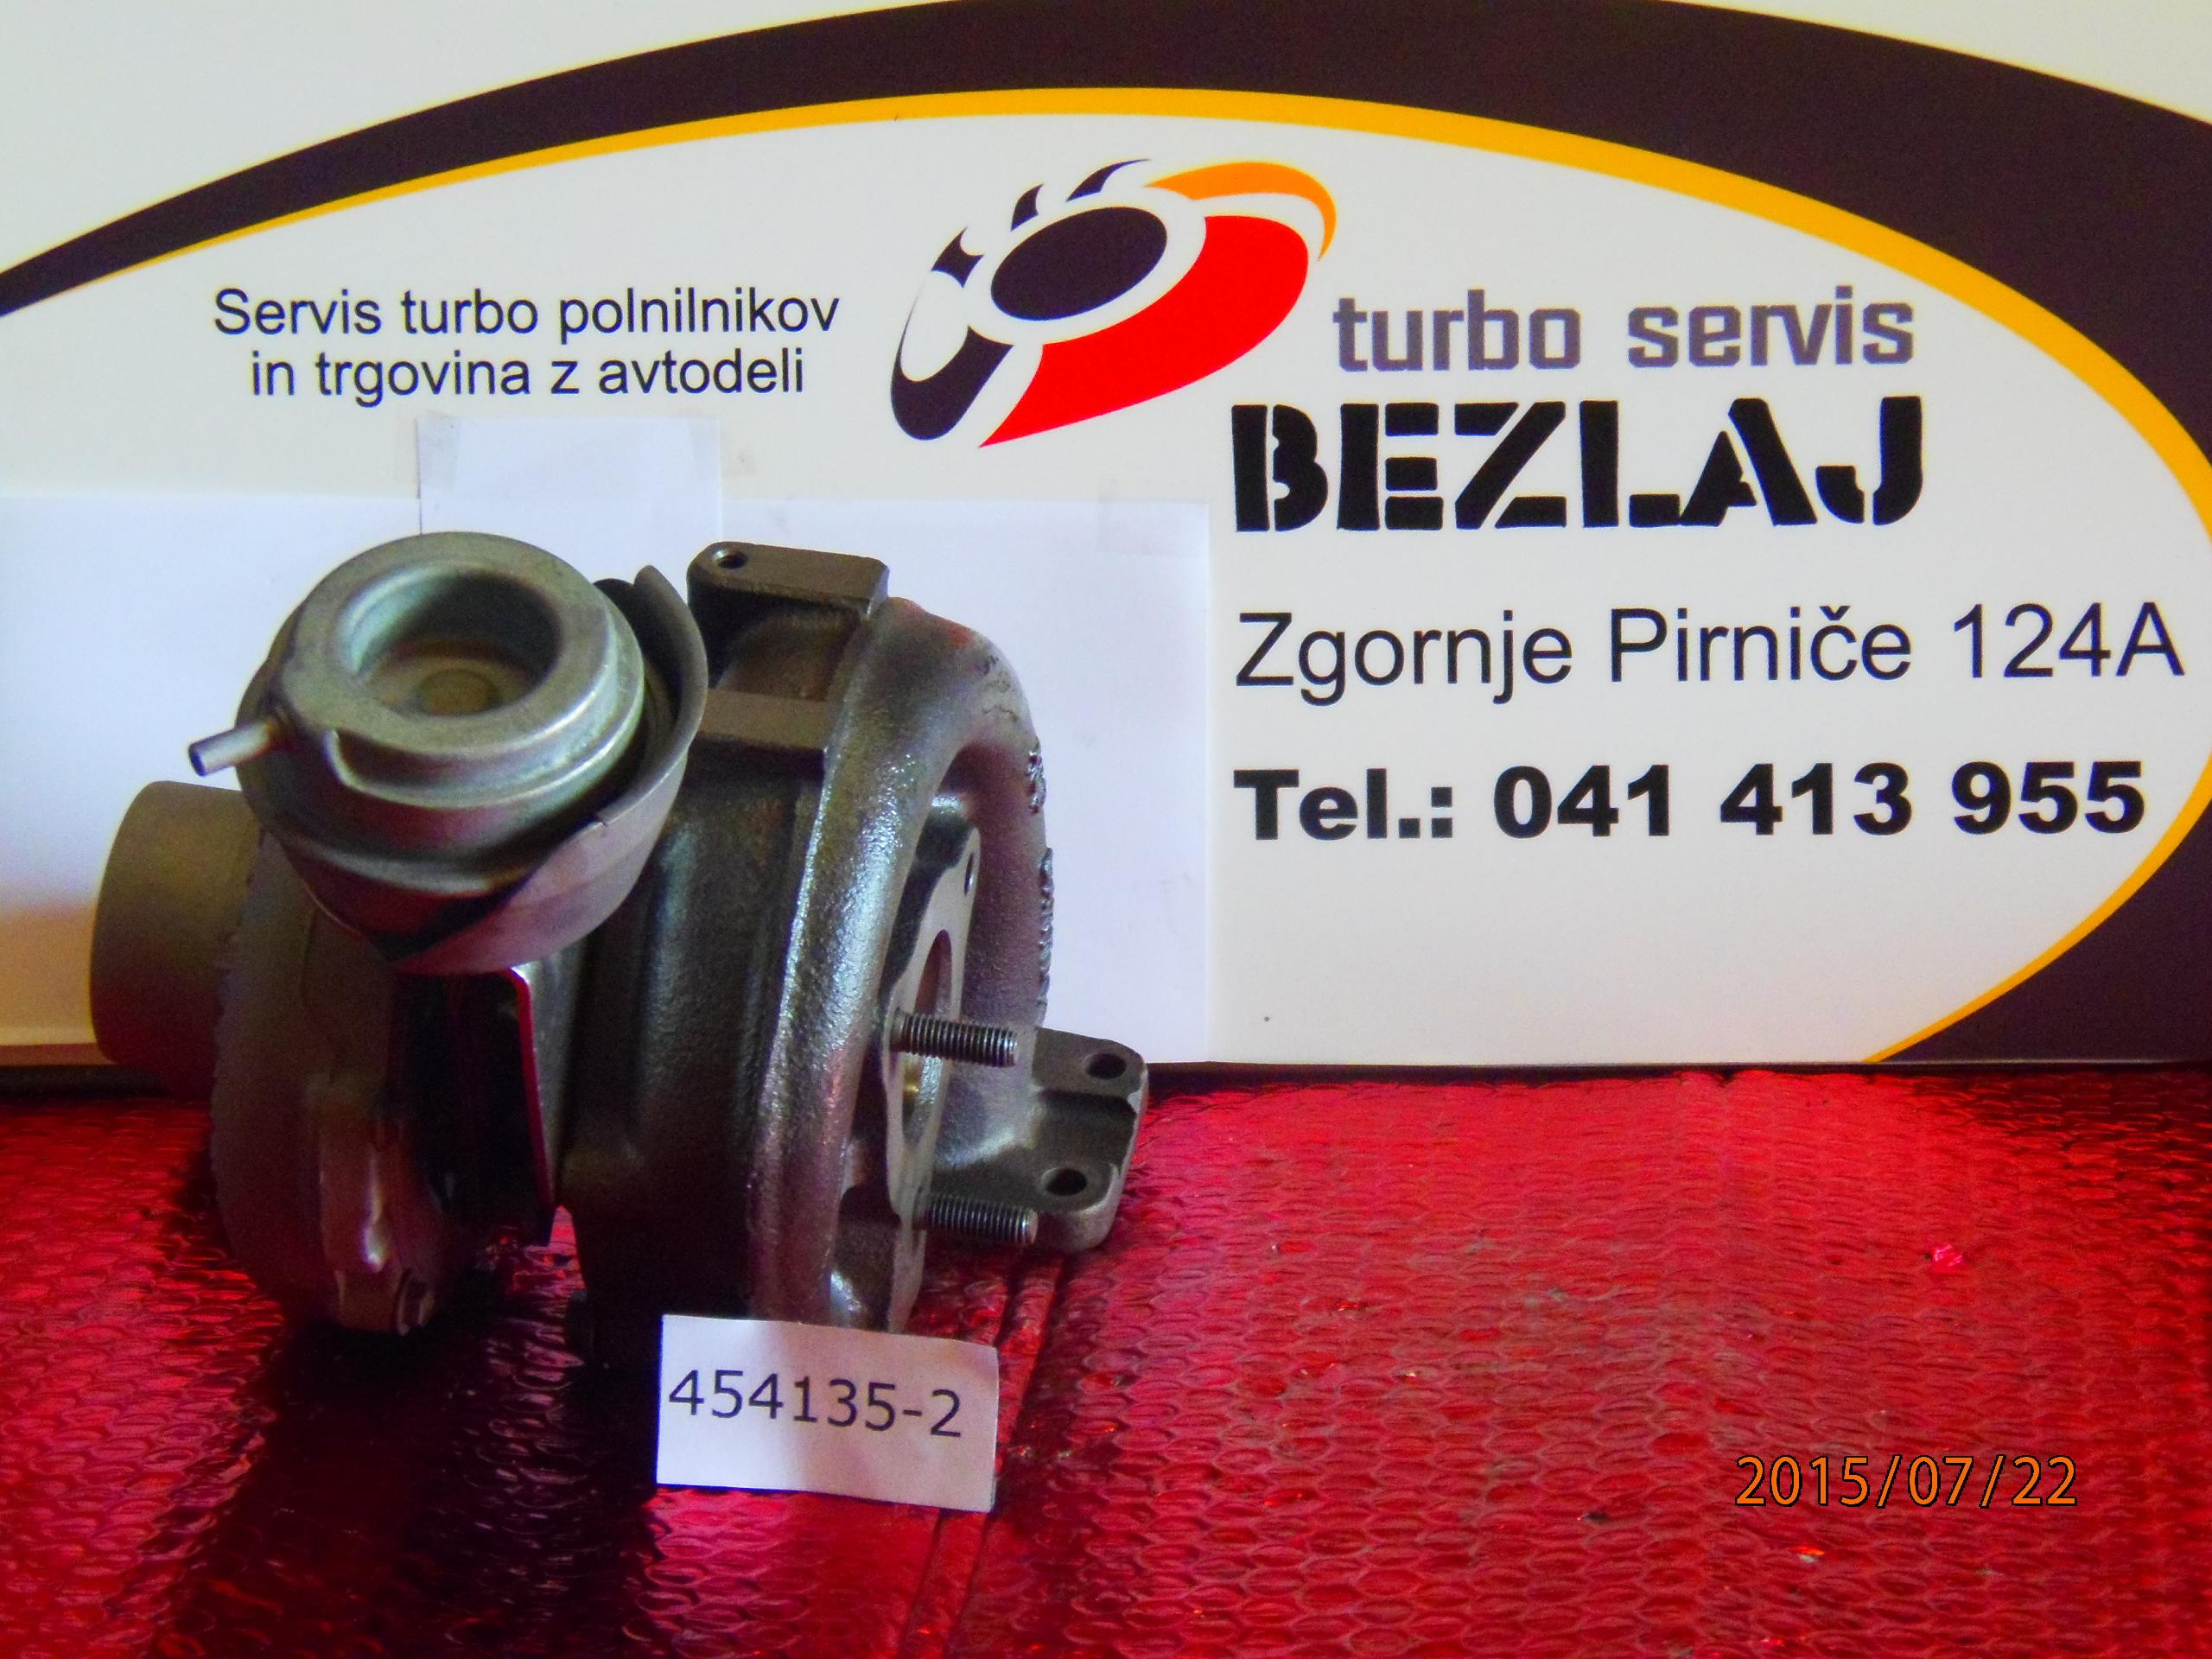 turbo454135-2 (2)